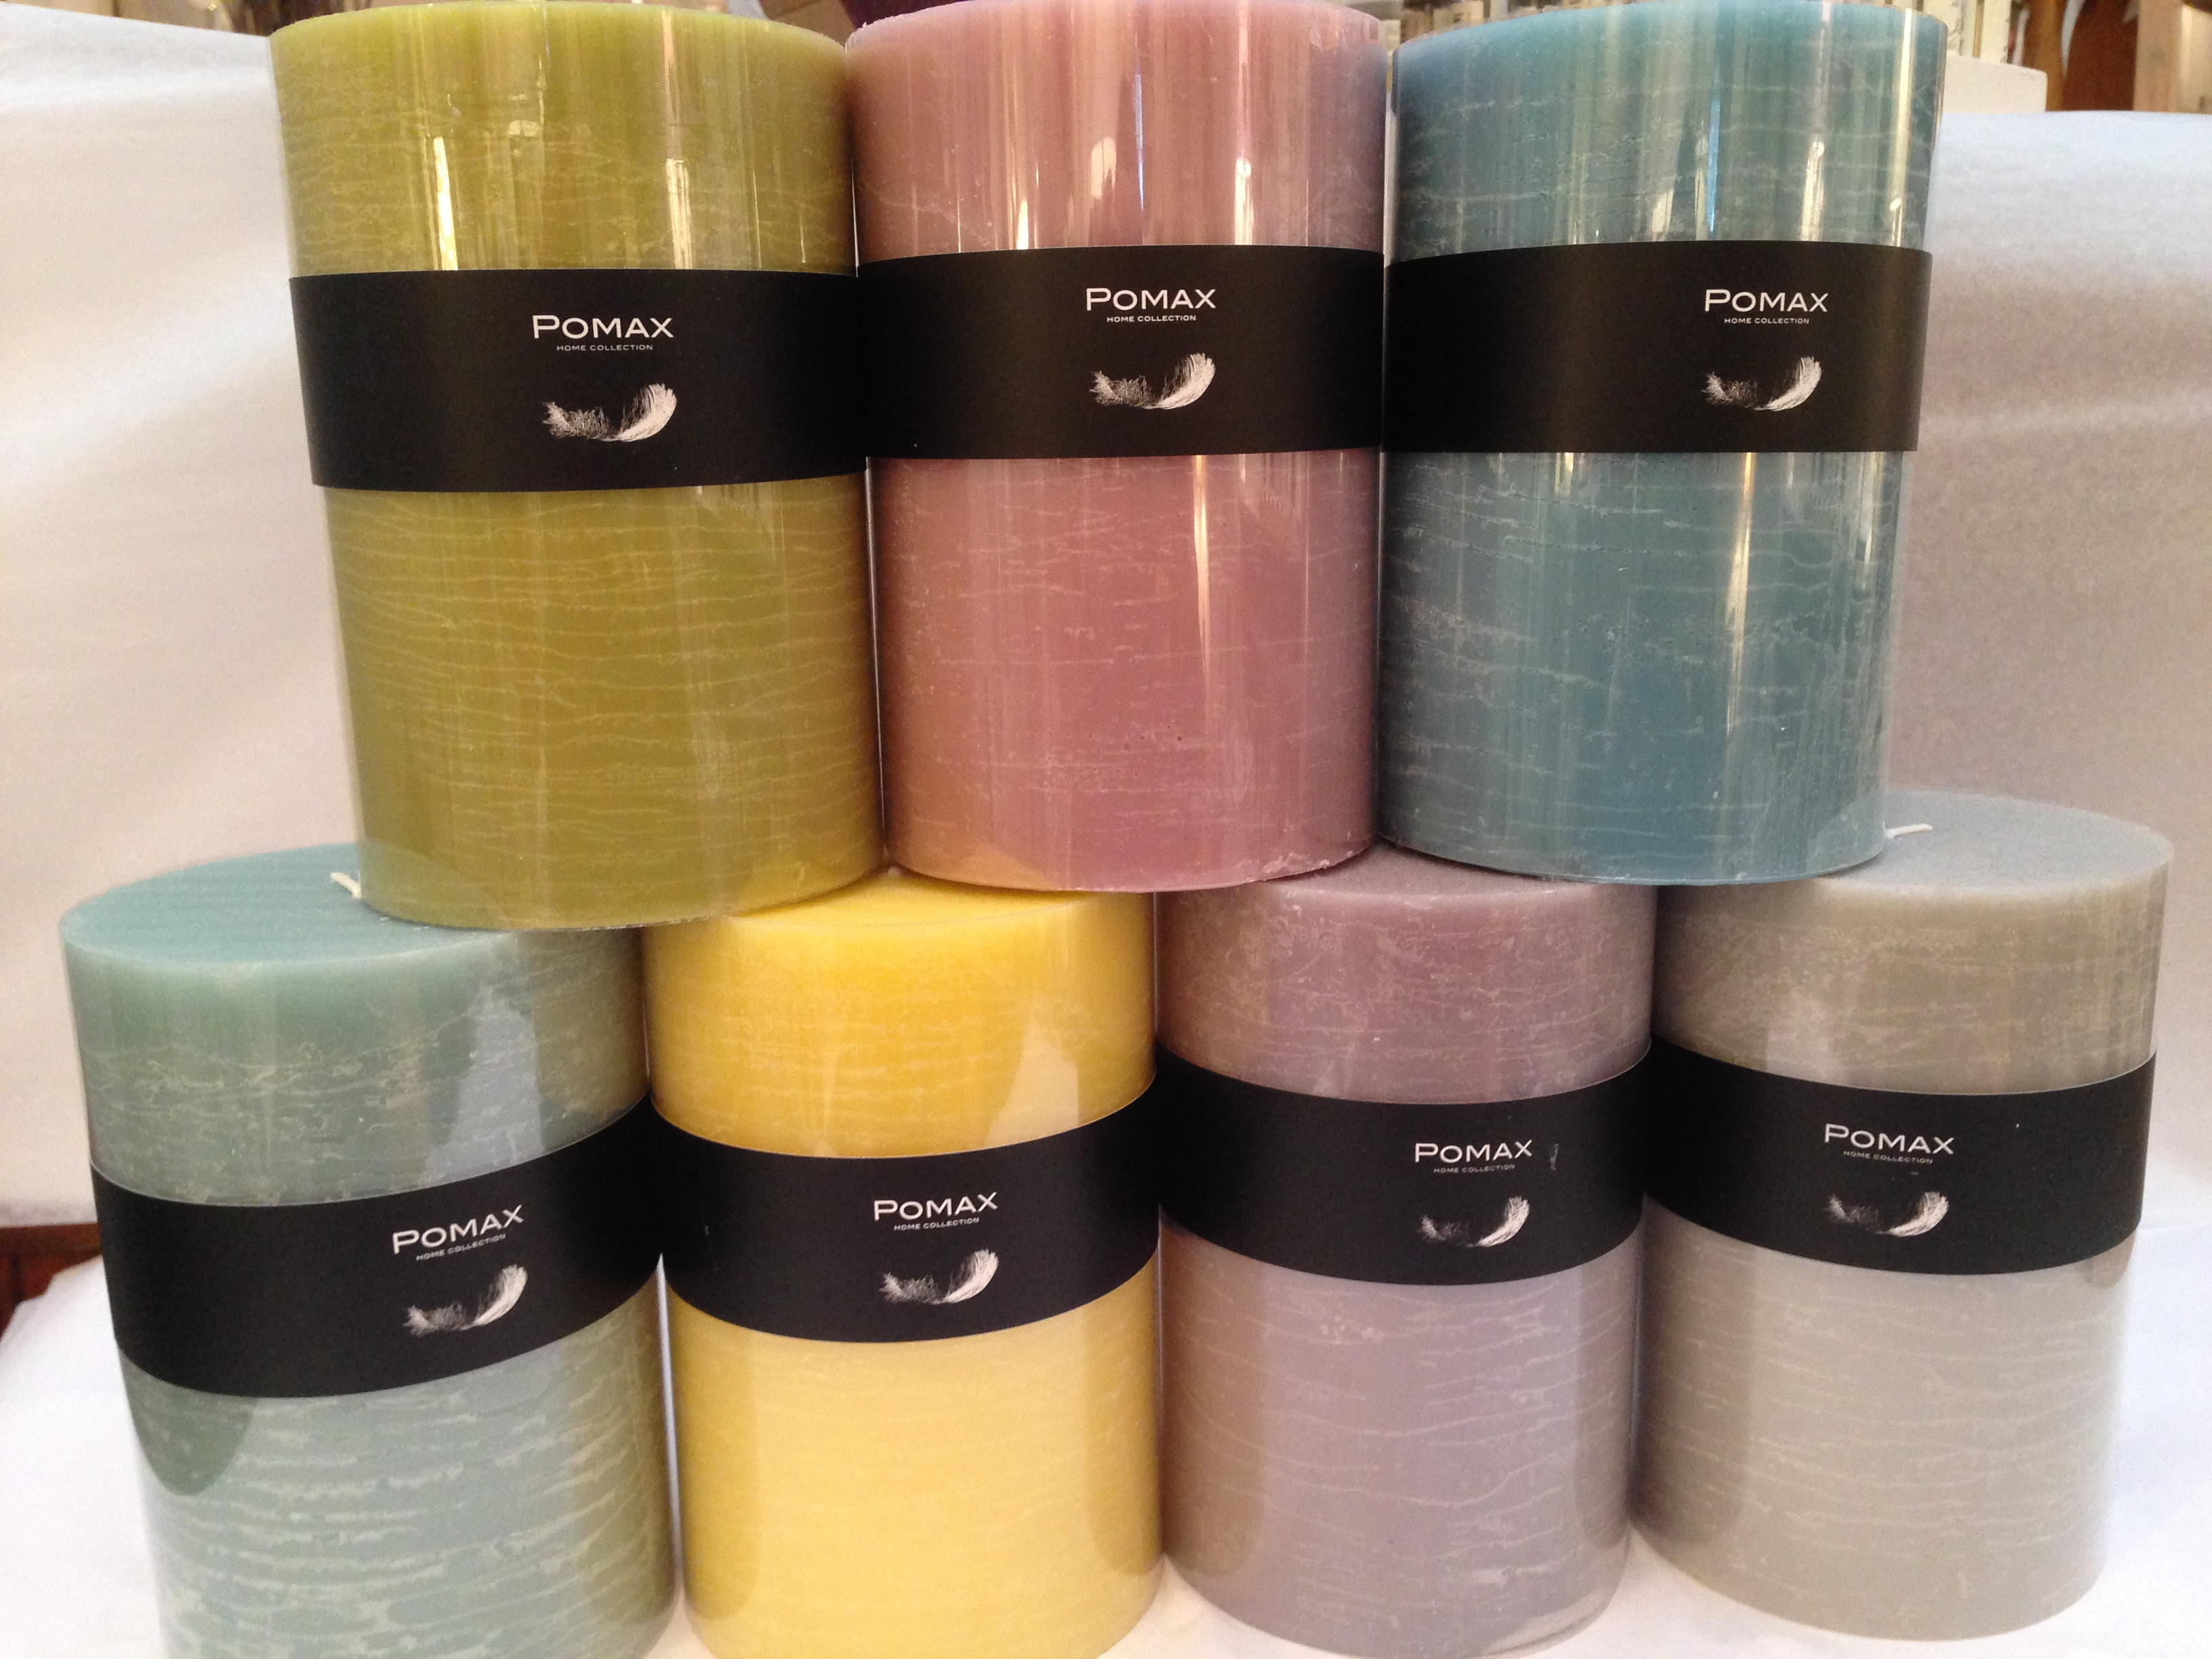 linge de lit pomax Bougie Cylindrique Pomax PM (9 couleurs au choix)   Bougies  linge de lit pomax